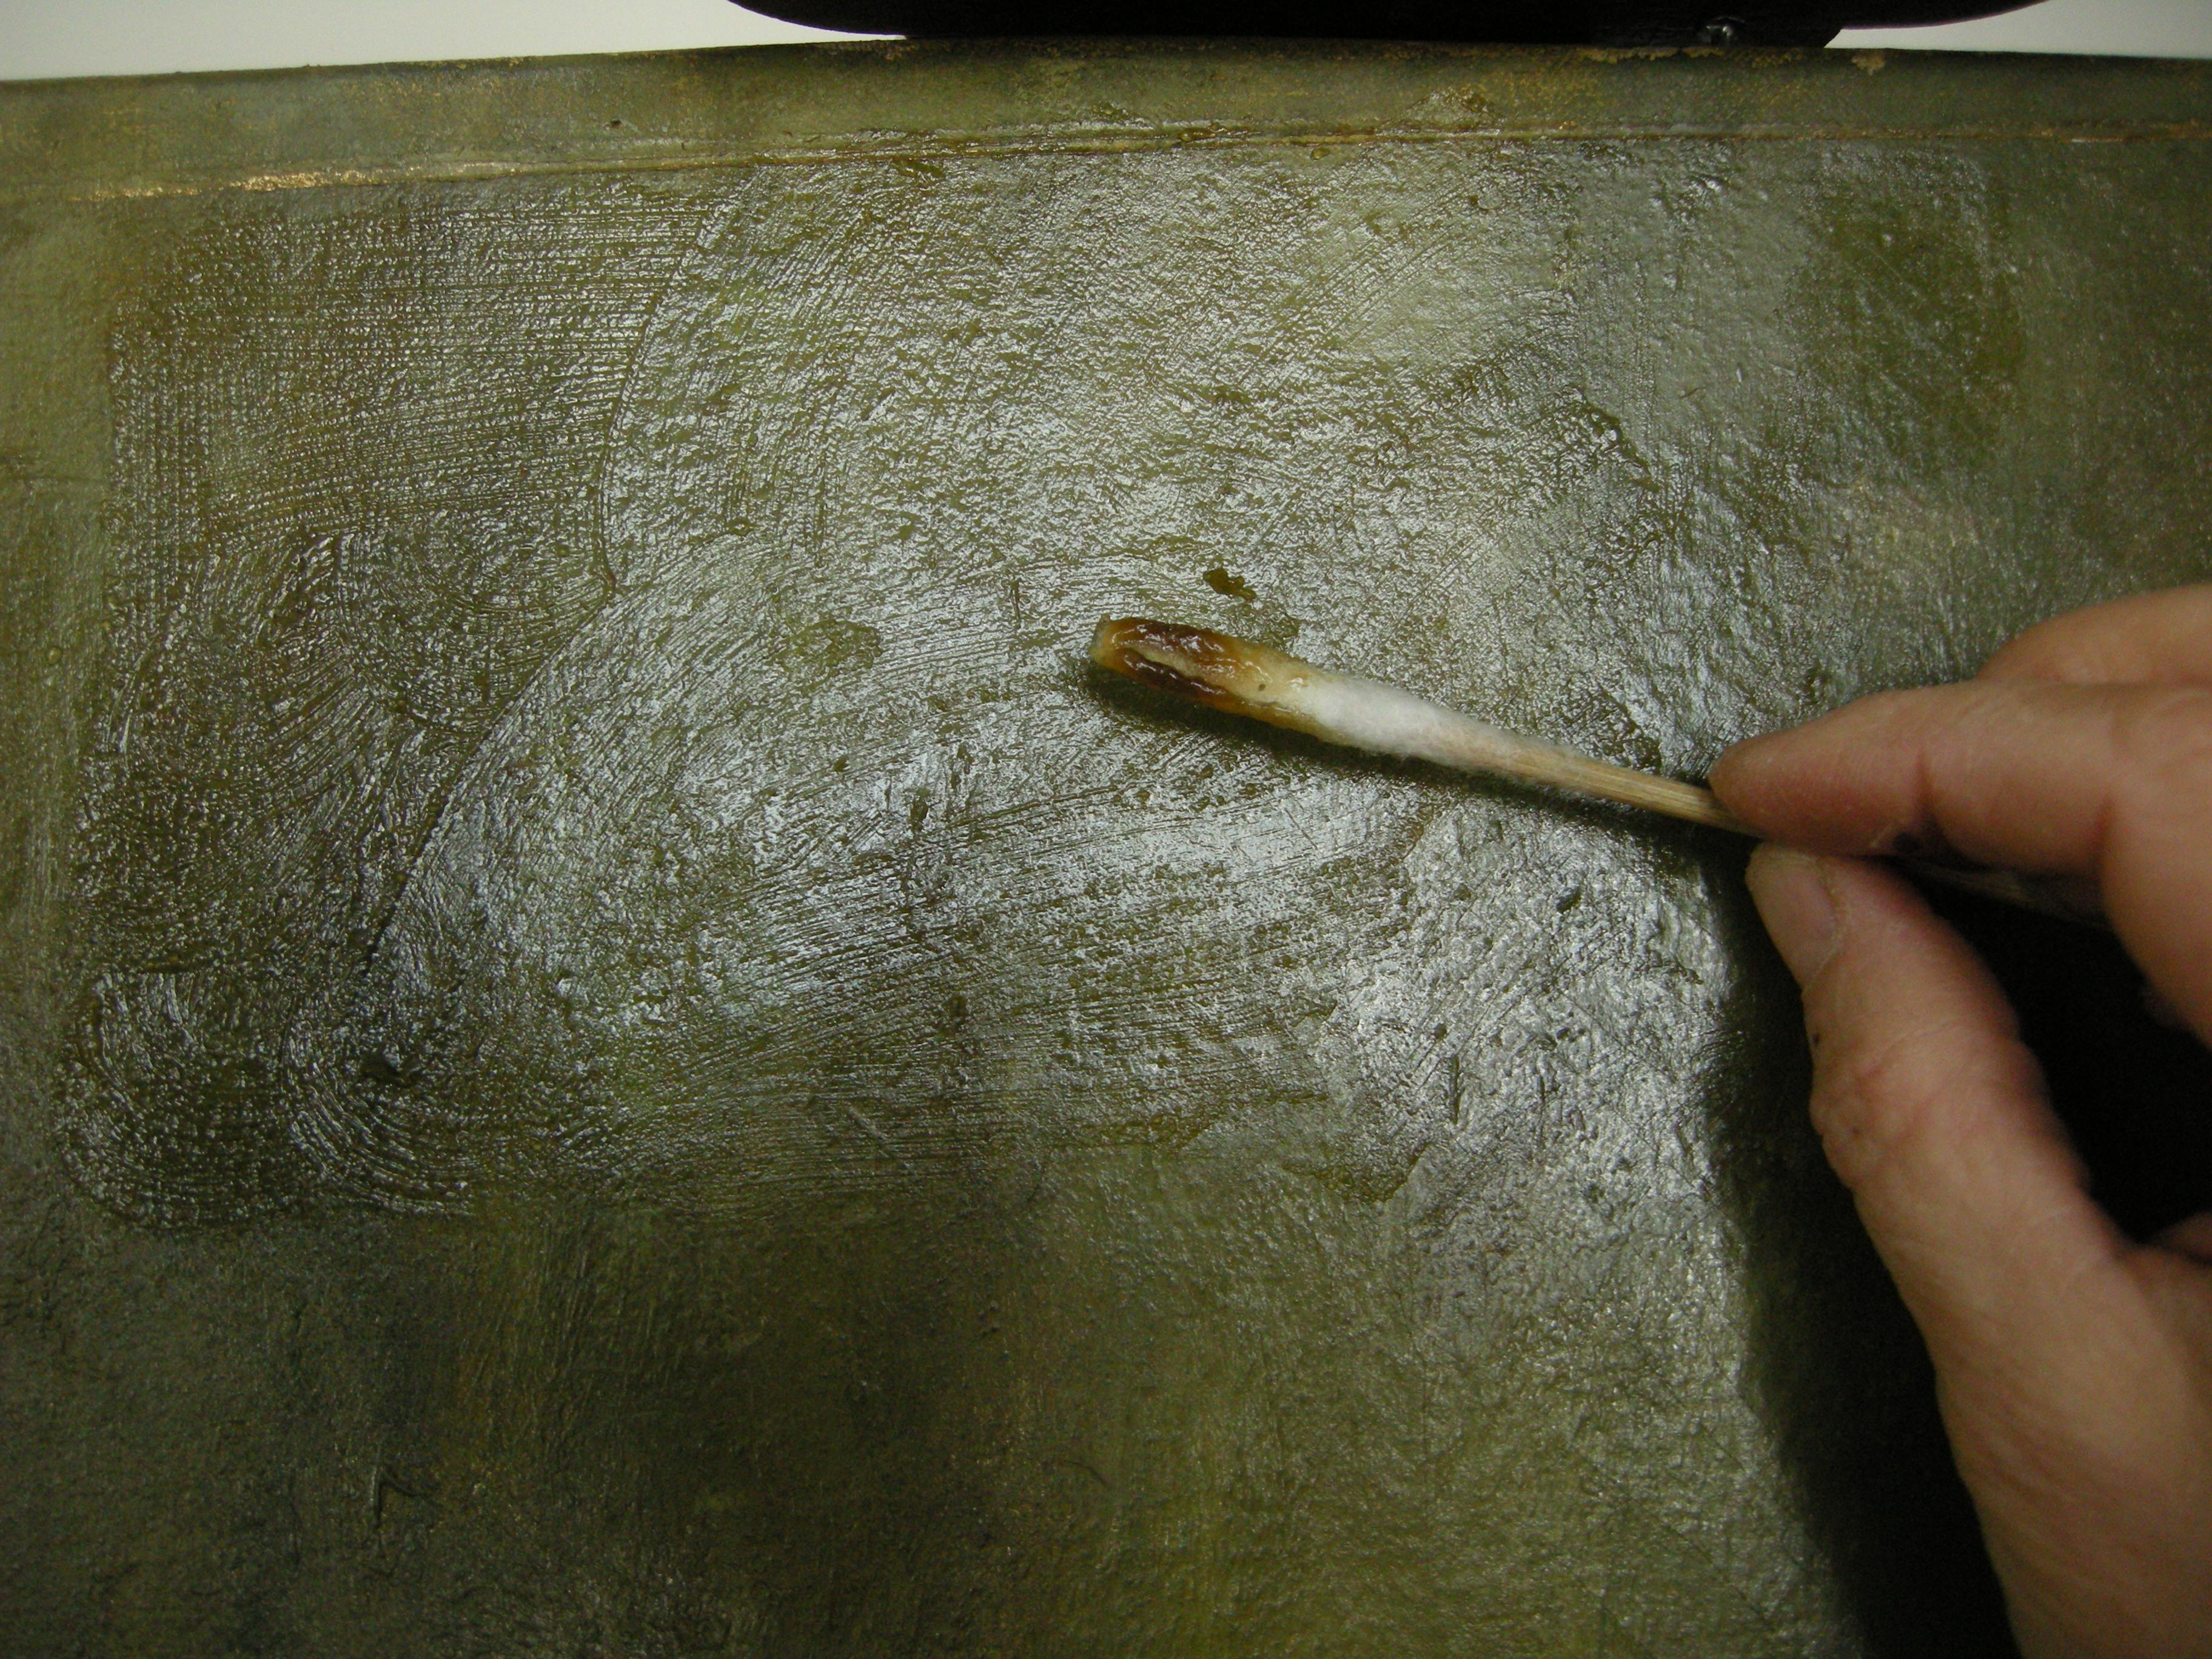 vernis van een schilderij verwijderen